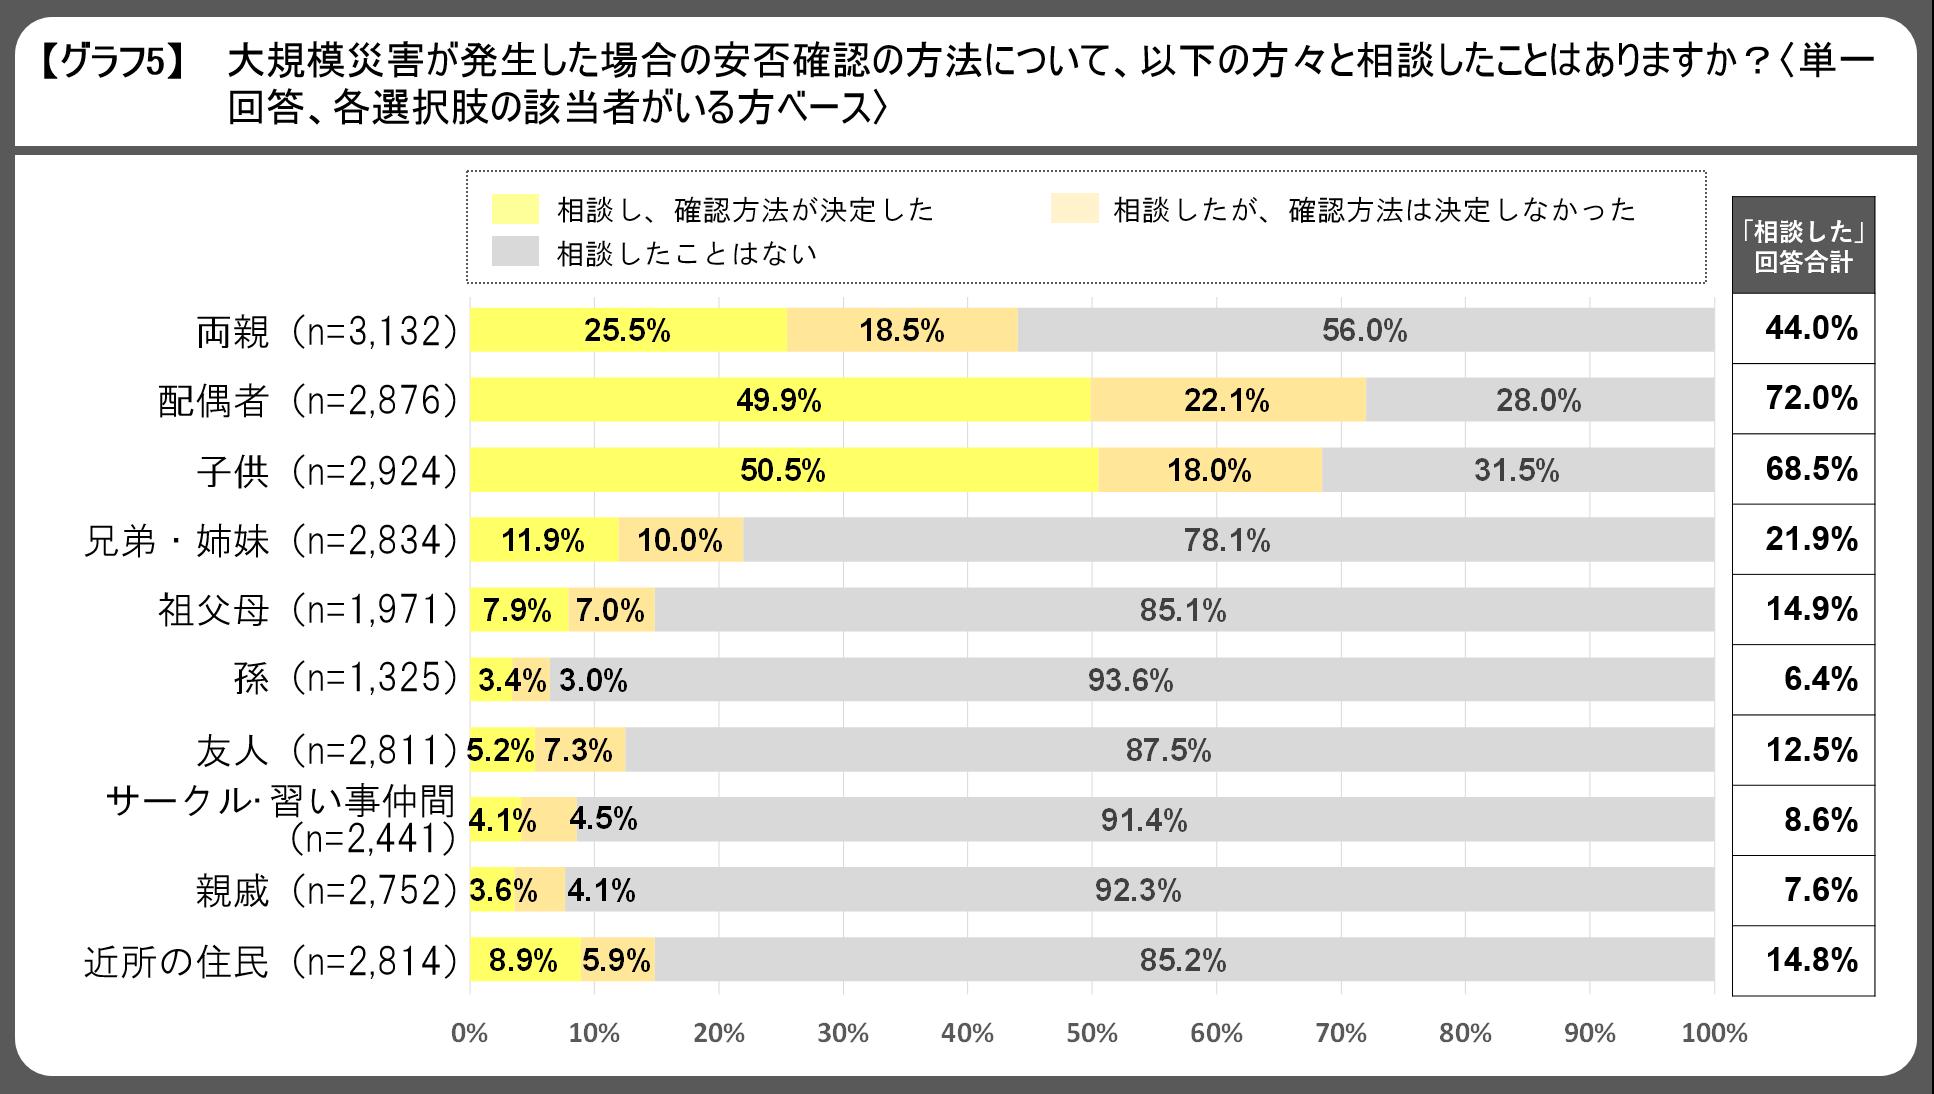 20180829_【ご参考】防災・安否確認に関するアンケート報道用資料_グラフ5